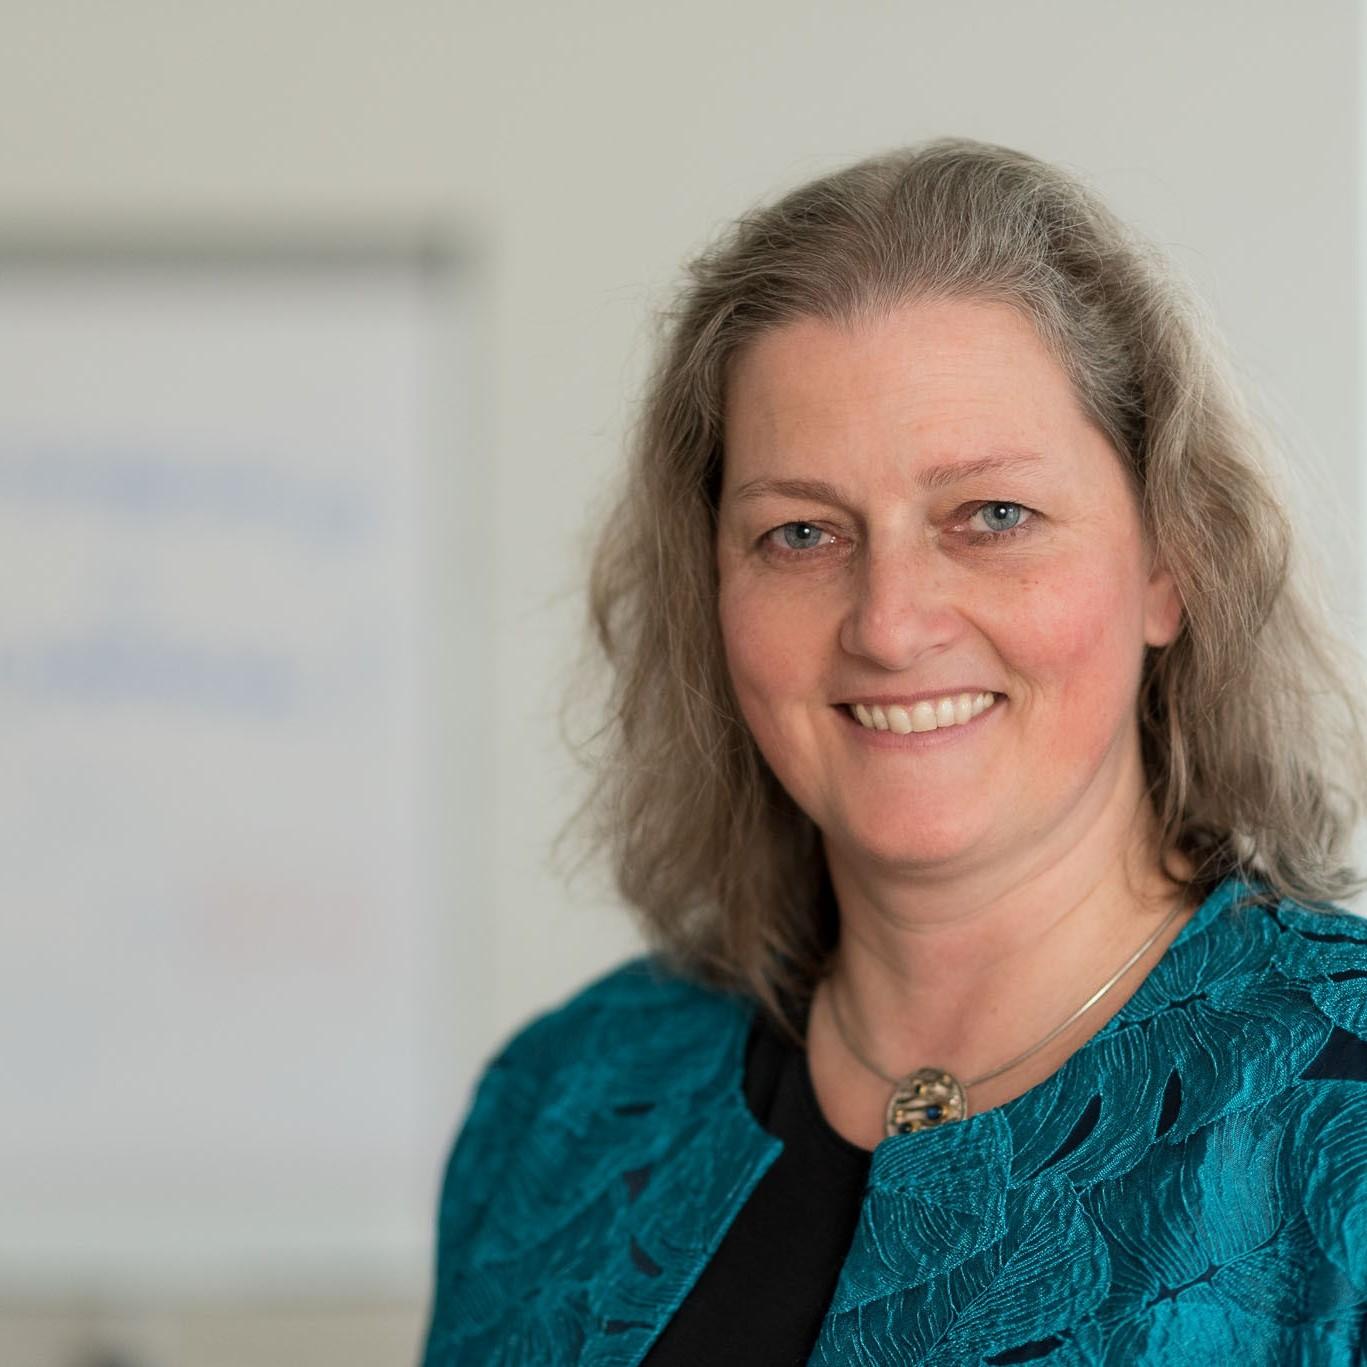 Katja Piroué